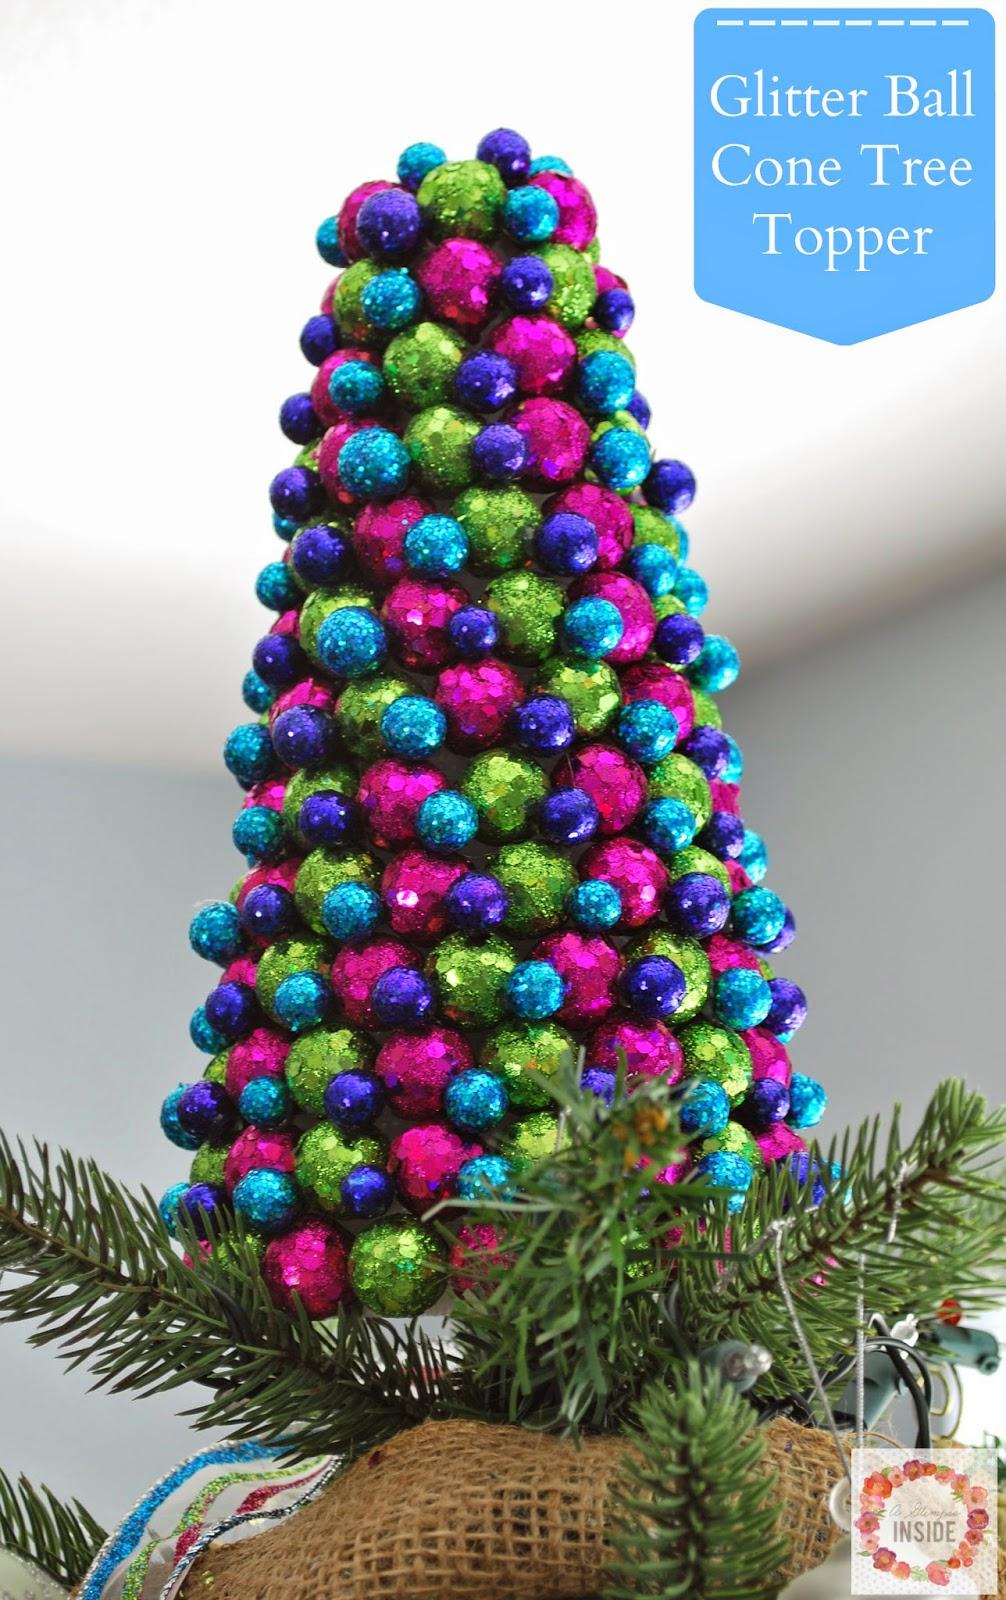 http://www.aglimpseinsideblog.com/2014/12/glitter-ball-cone-tree-topper.html